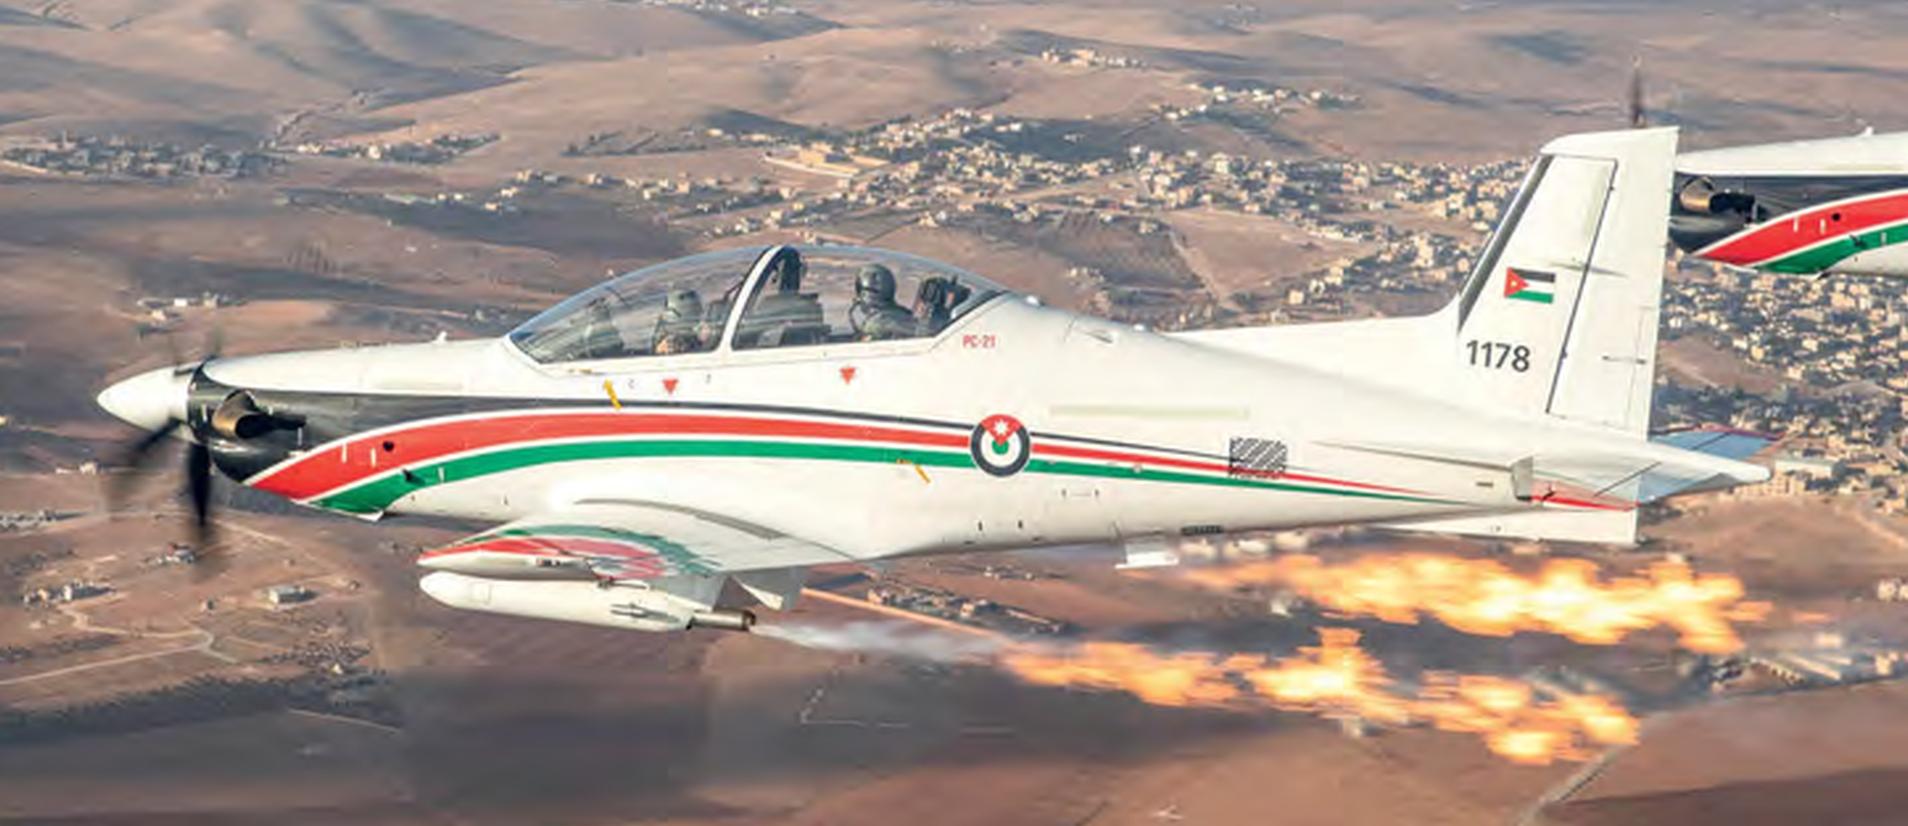 Armée Jordanienne/Jordanian Armed Forces - Page 22 Clipb927